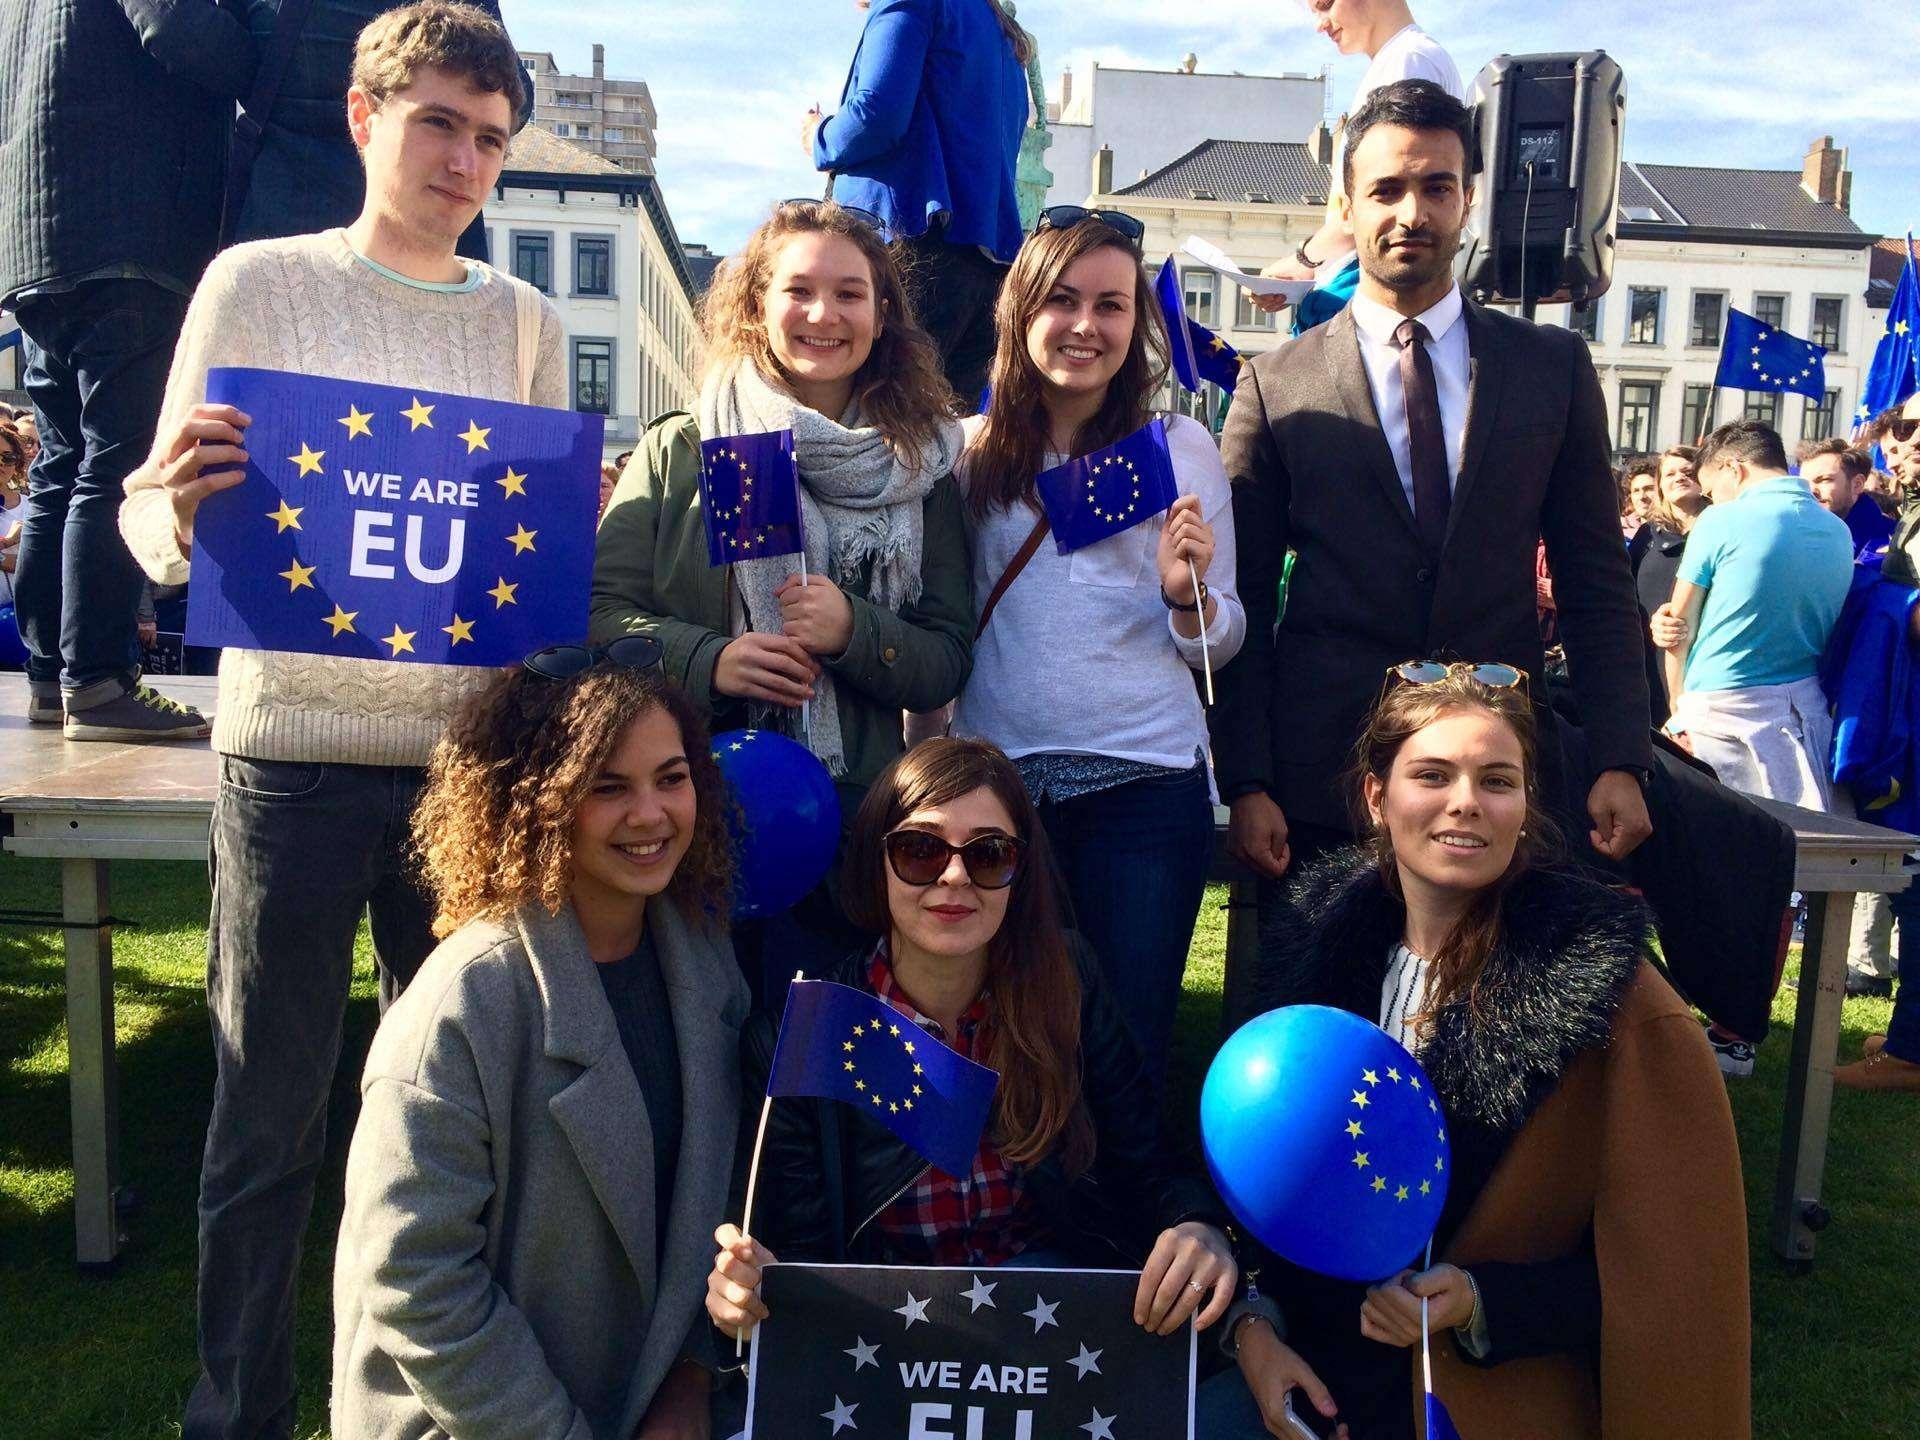 Prise de parole de Eu logos lors de la marche pour le 60ième anniversaire de la signature du Traité de Rome